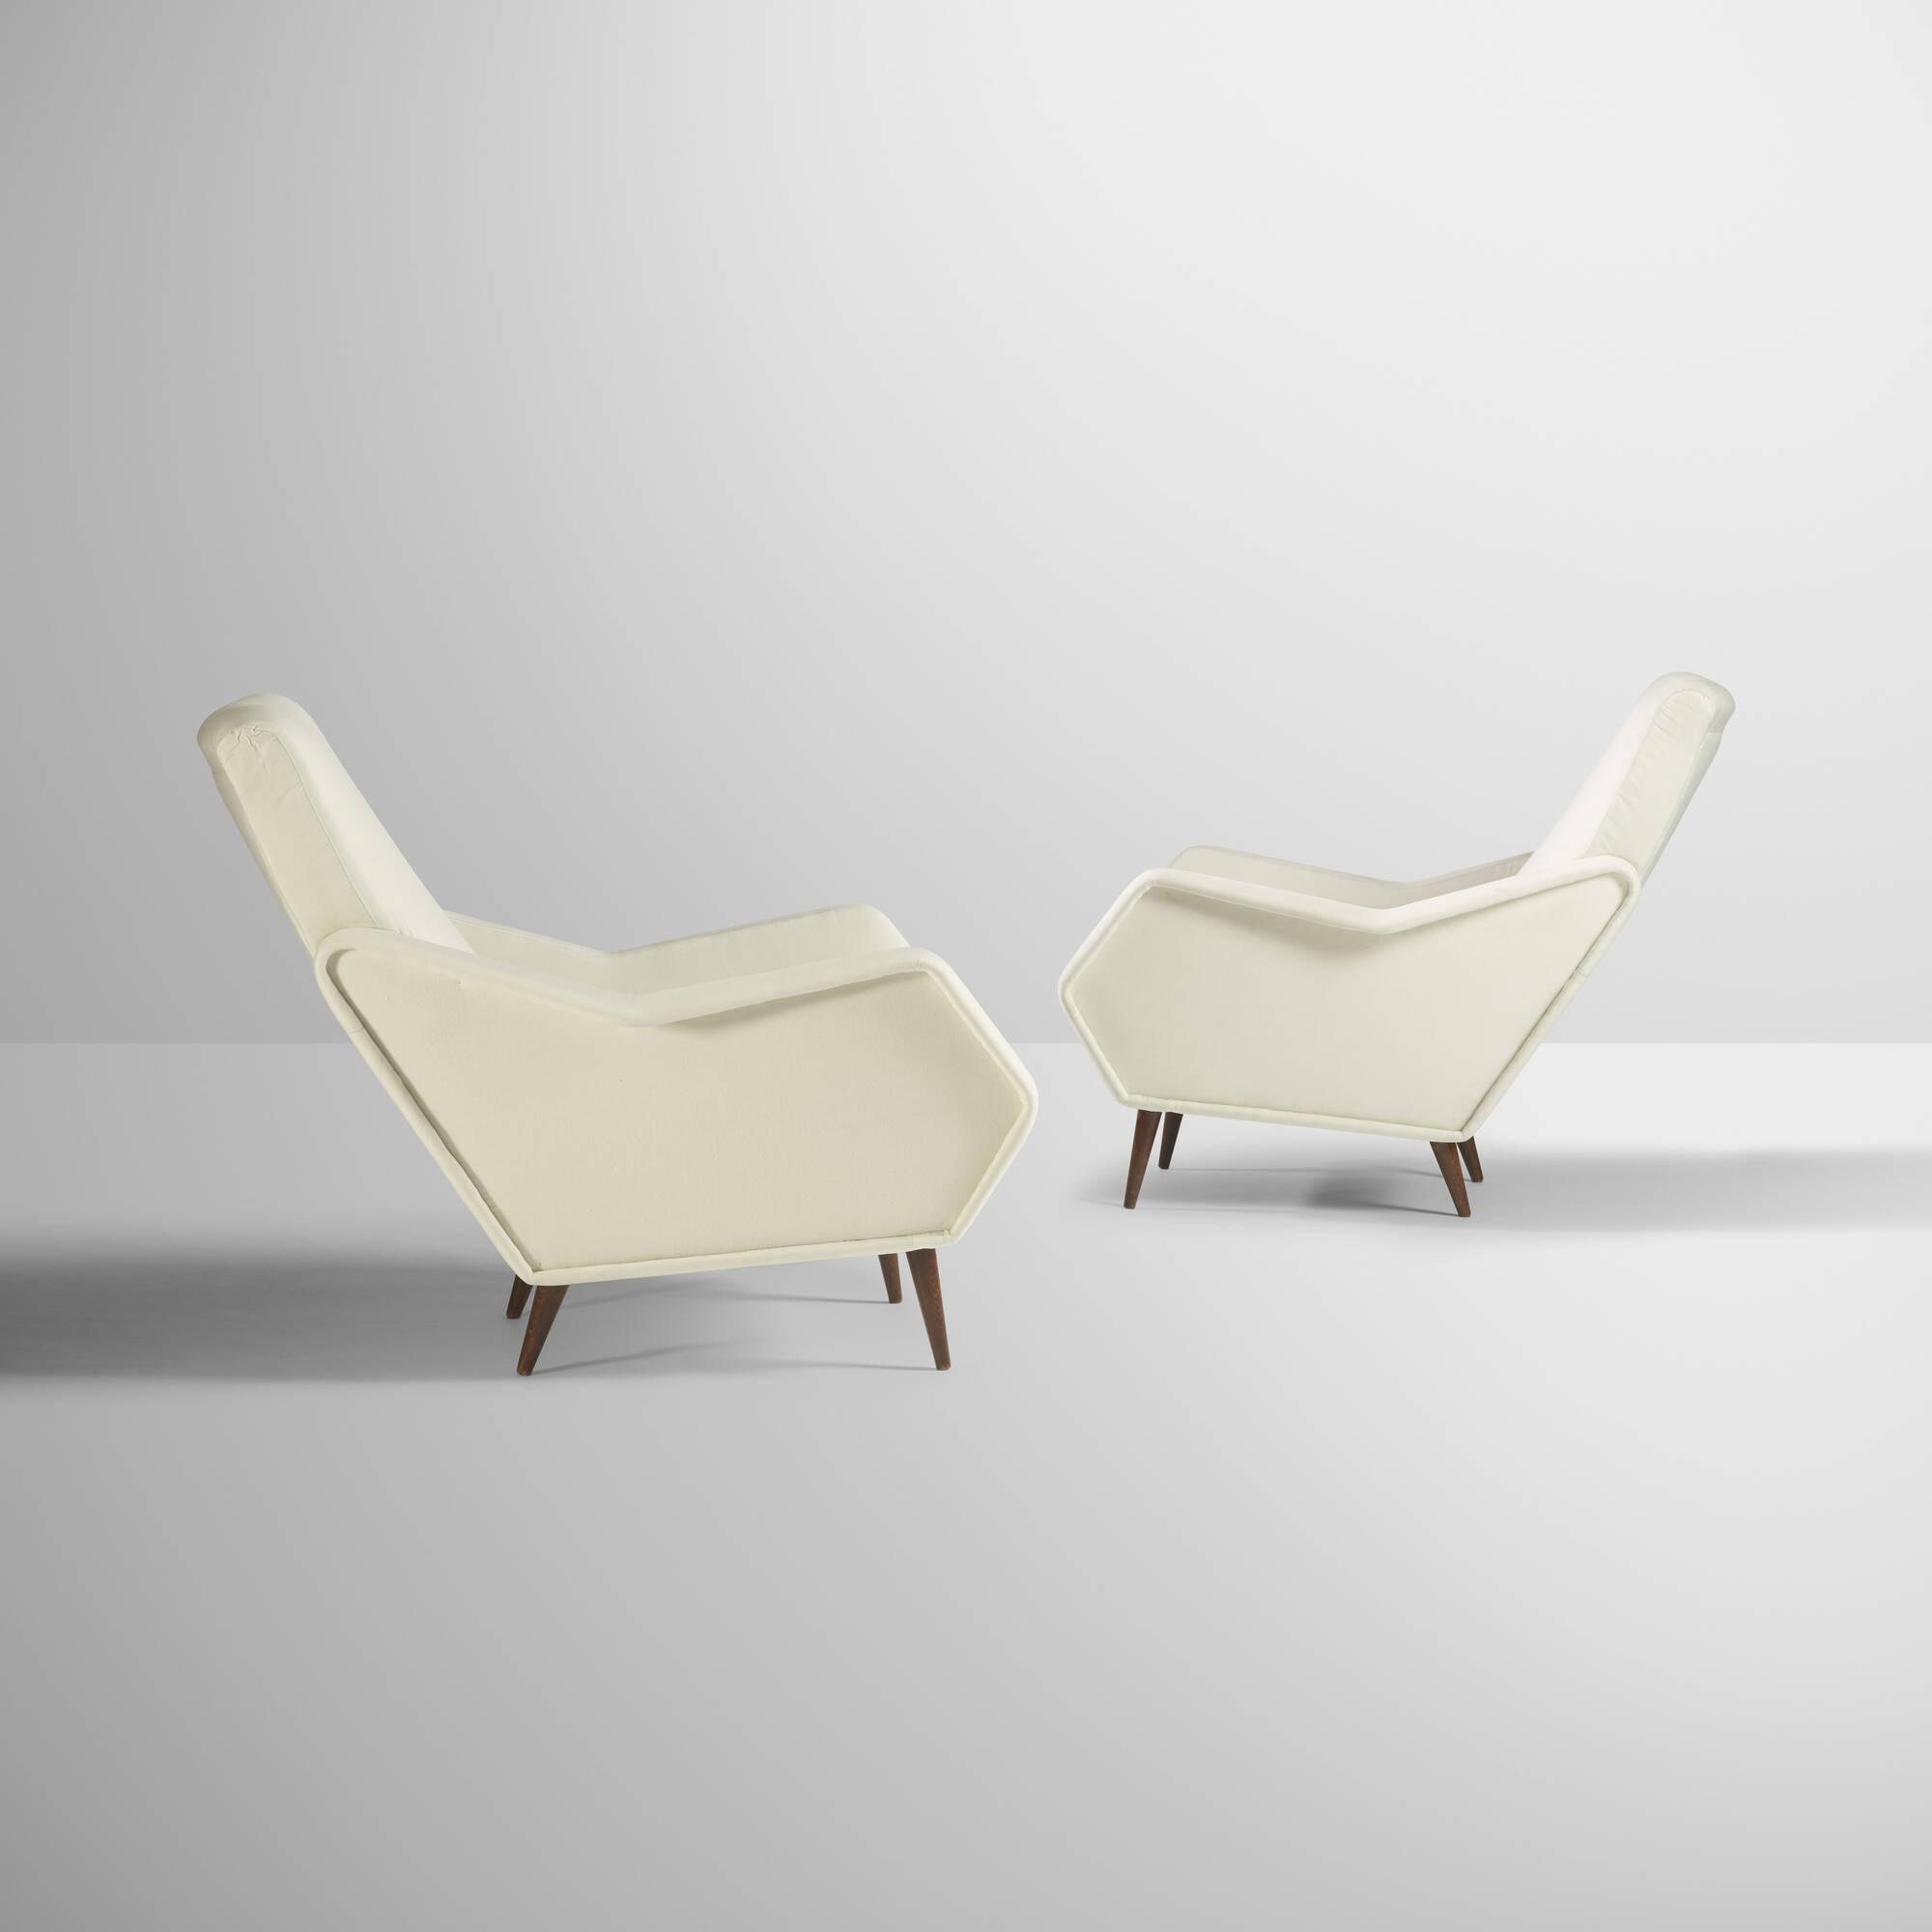 36: Gio Ponti / Rare lounge chairs, pair (2 of 5)